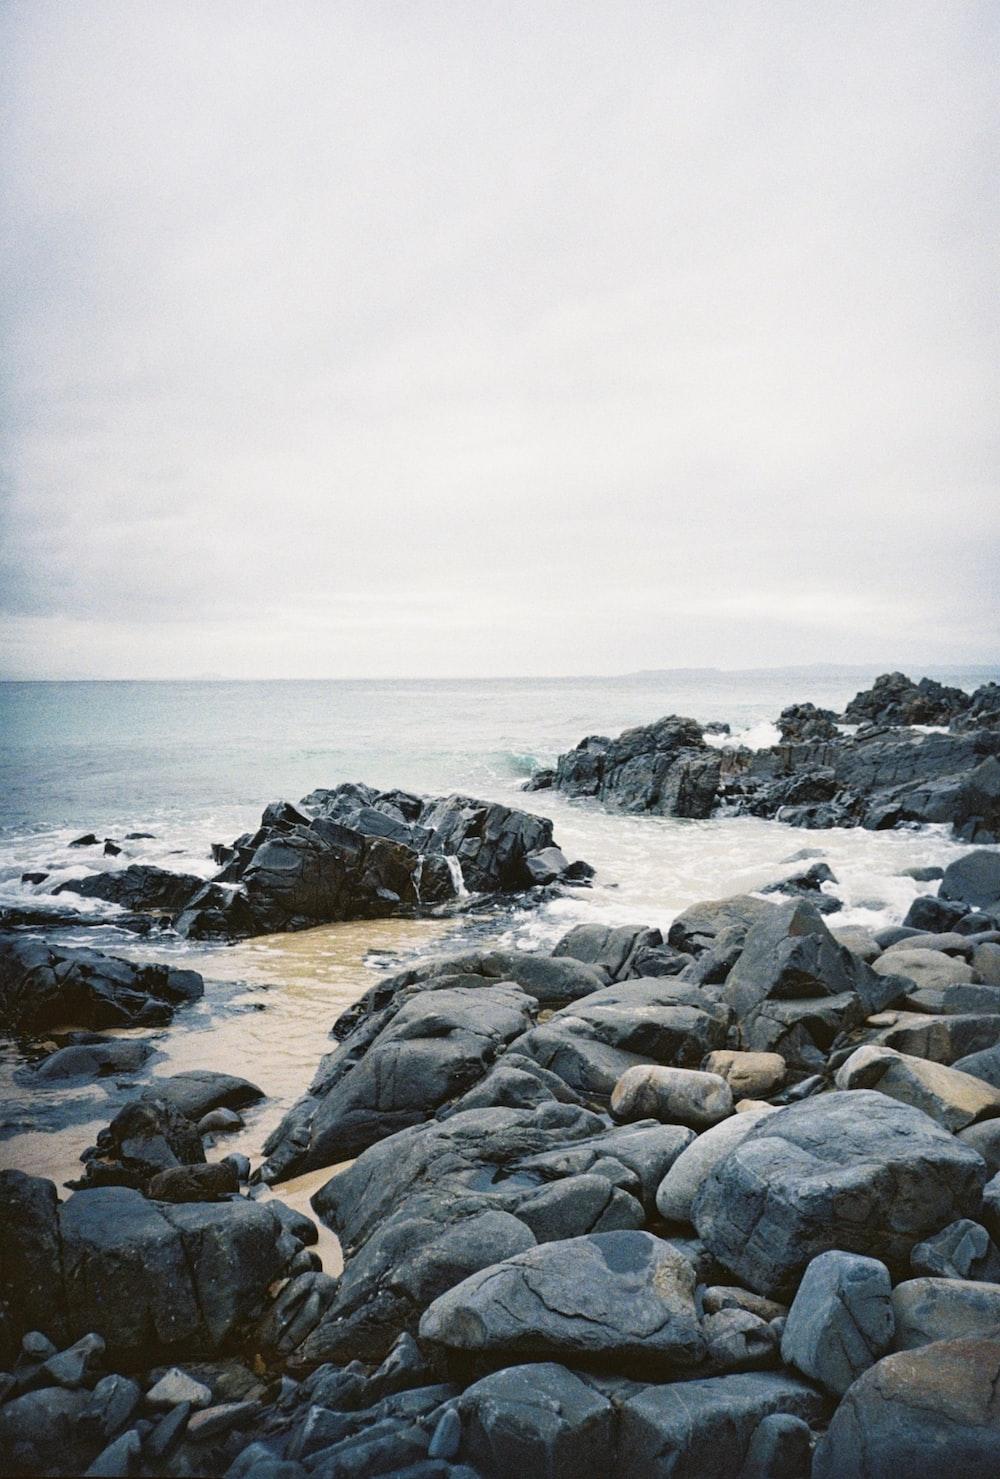 gray rocky shore under gray sky